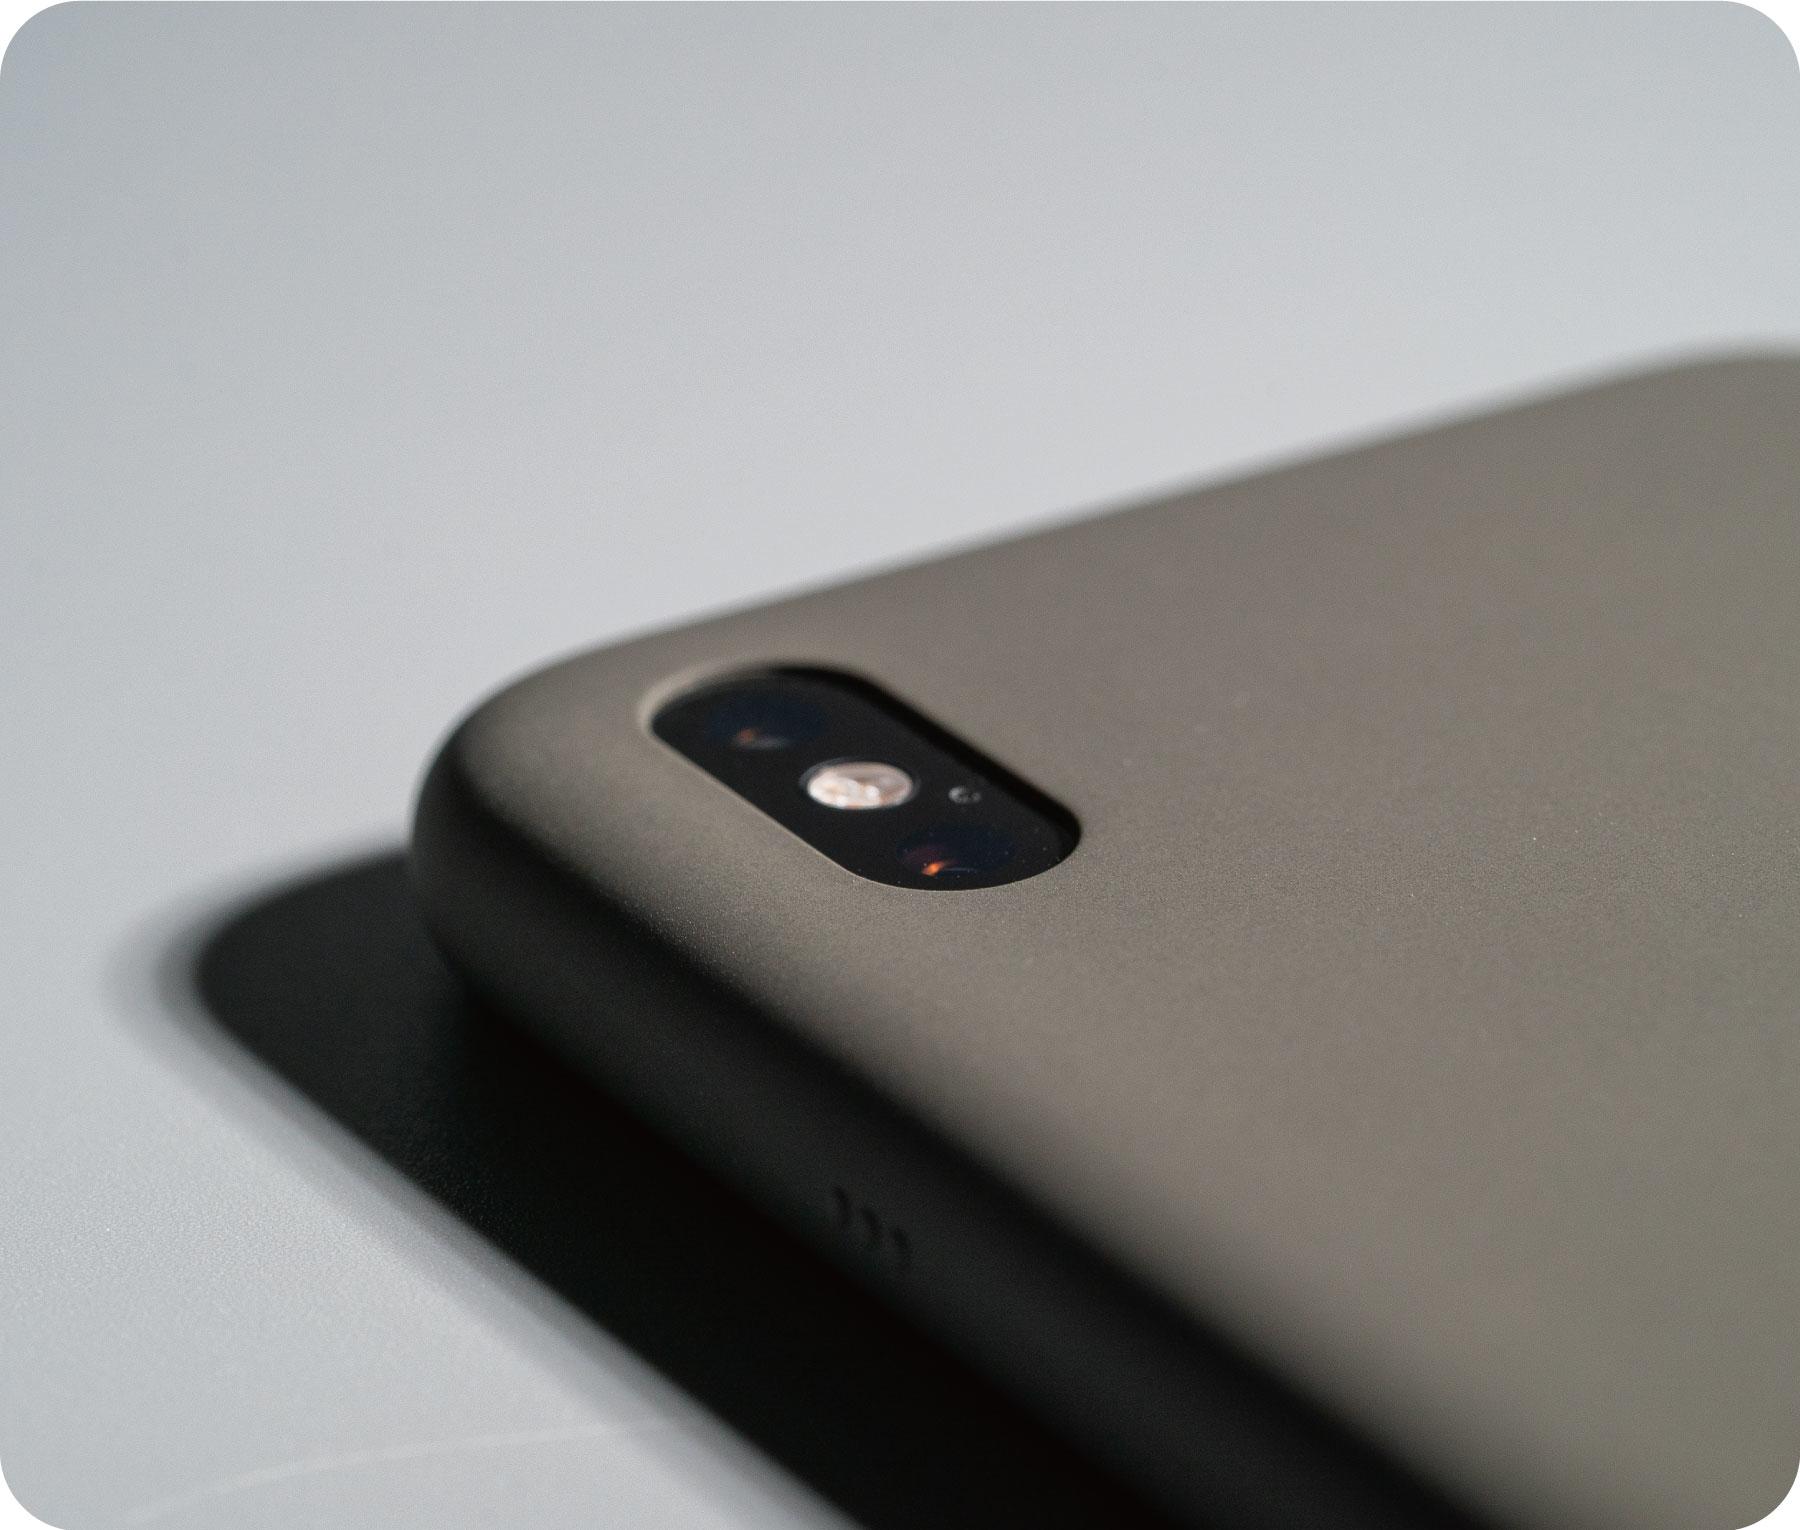 UNIU NEAT液態矽膠iPhone防摔保護殼:世界唯一一款,通過軍規防摔的「原廠殼」!